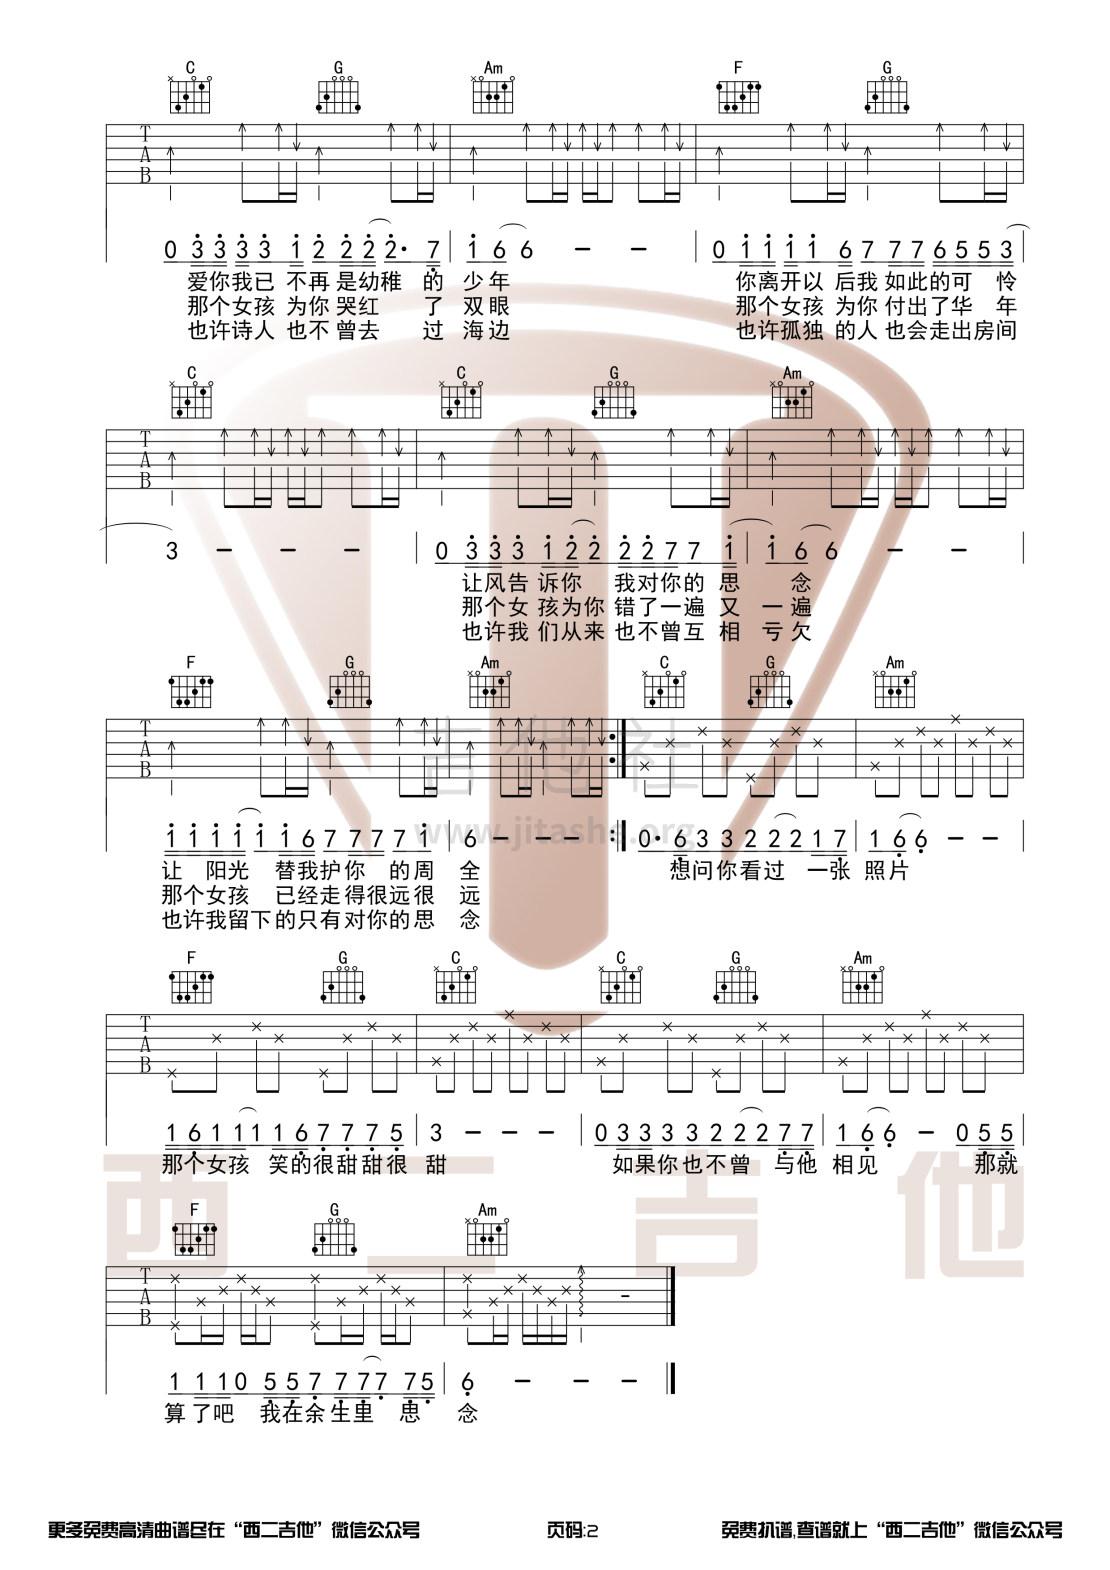 那个女孩(西二吉他)吉他谱(图片谱,原版,C调,弹唱)_张泽熙_那个女孩2.jpg